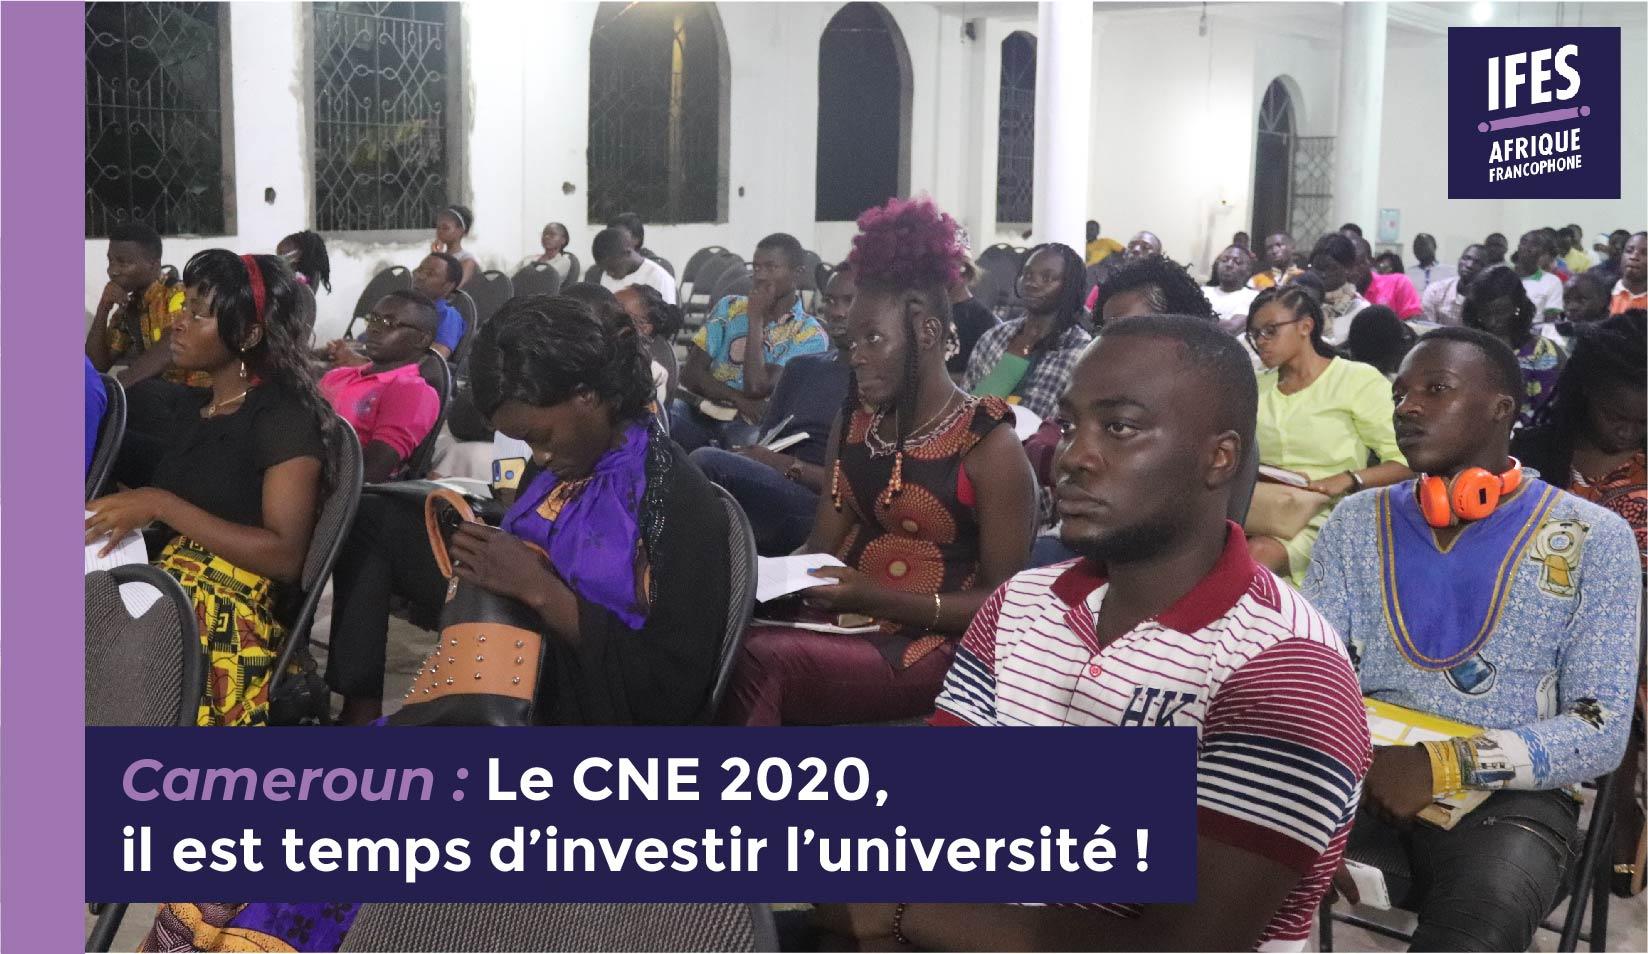 Le CNE 2020, il est temps d'investir l'université !